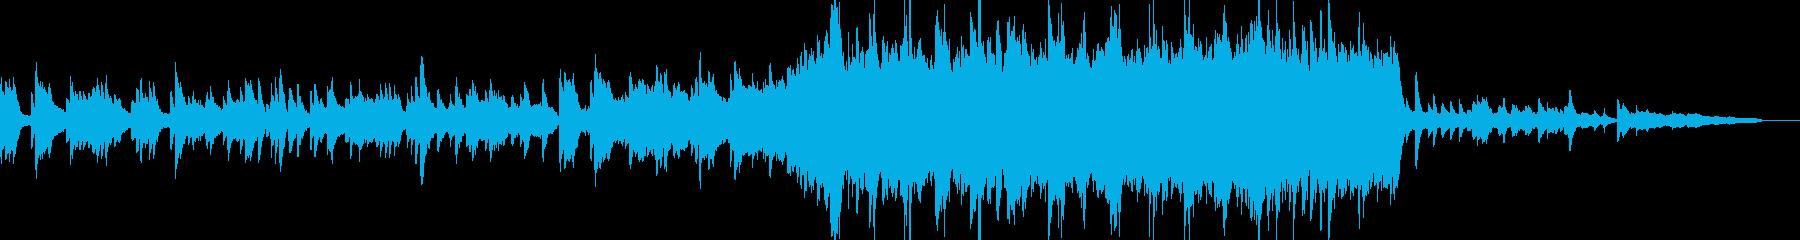 感動の場面に最適なピアノ+オーケストラ曲の再生済みの波形